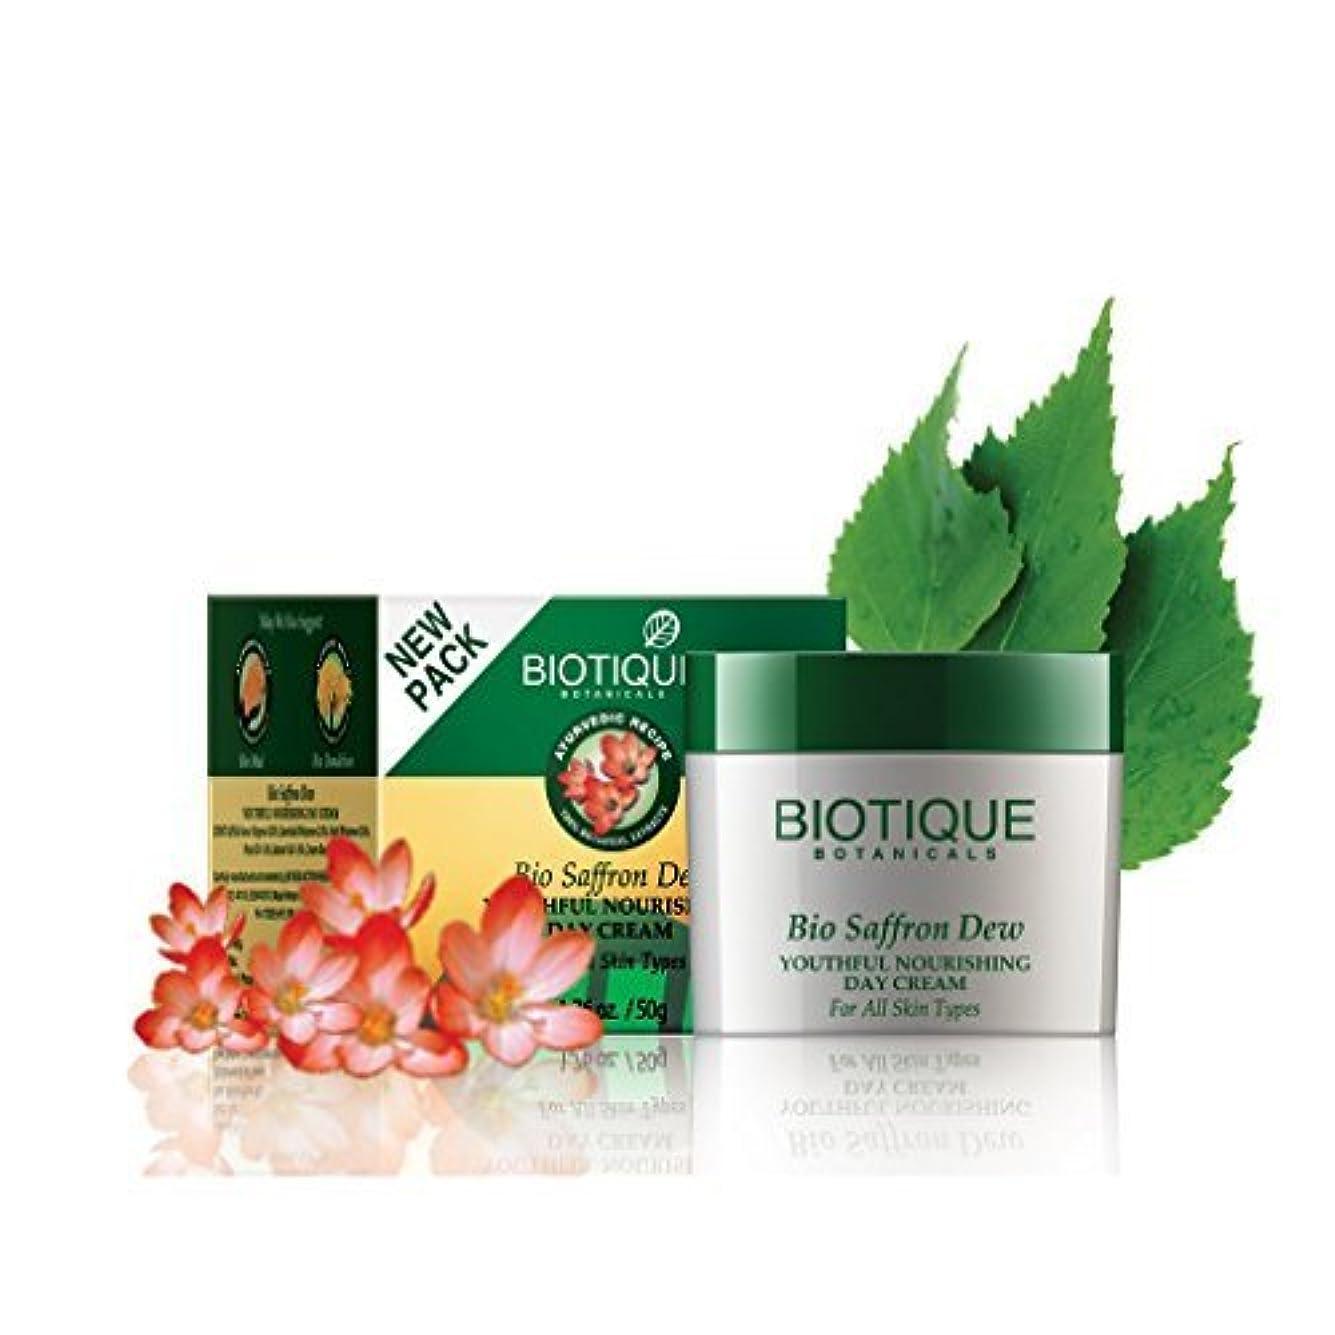 因子わずかなほめるBiotique Saffron Dew 50g -- Ageless face & body cream by Biotique [並行輸入品]